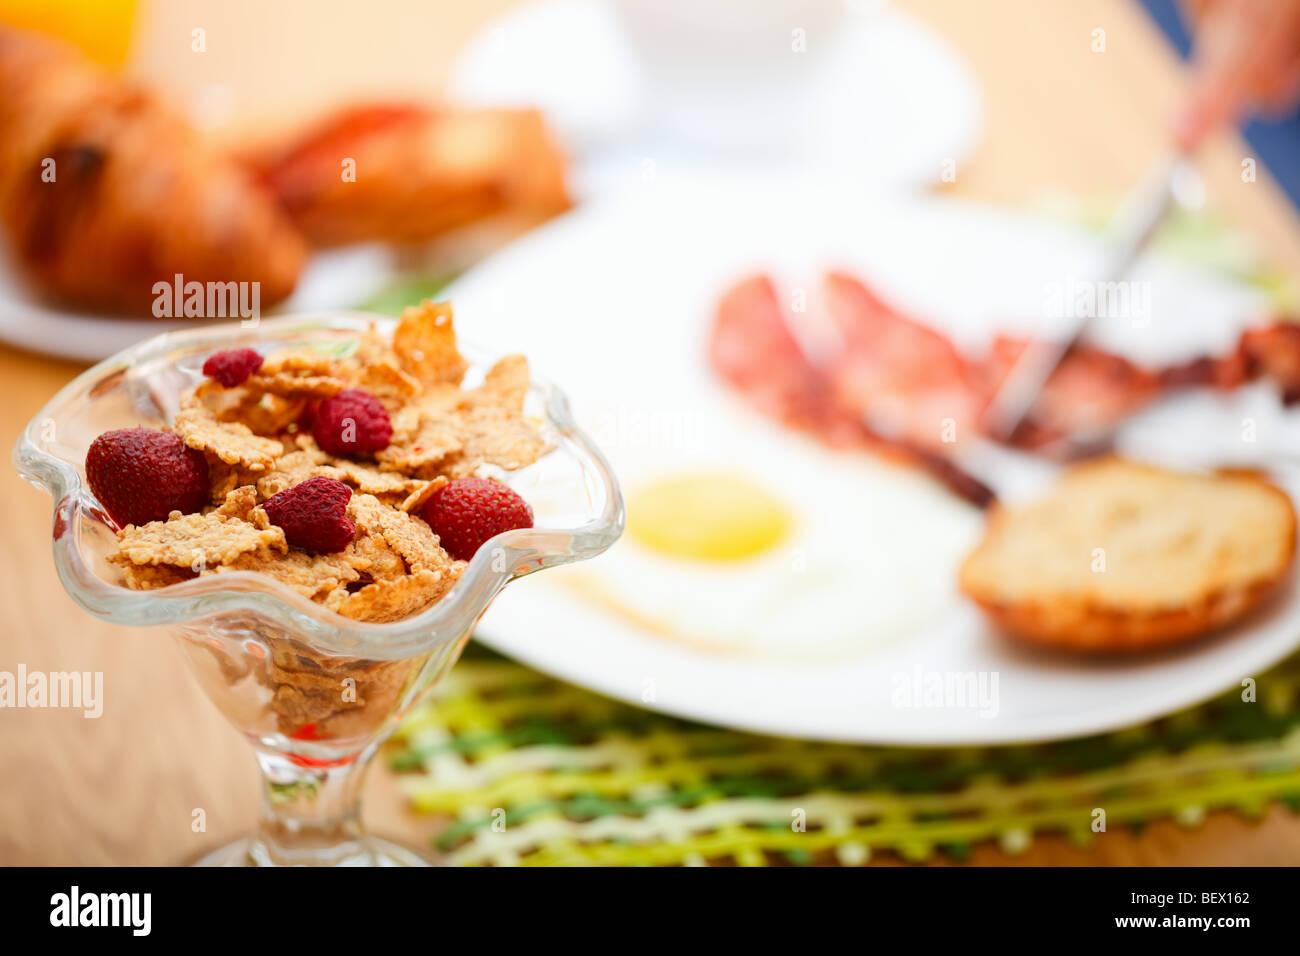 Leckeres Frühstück serviert. Corn Flakes mit Beeren, Spiegelei, Speck, Toast, Croissants, Saft und frischen Stockbild